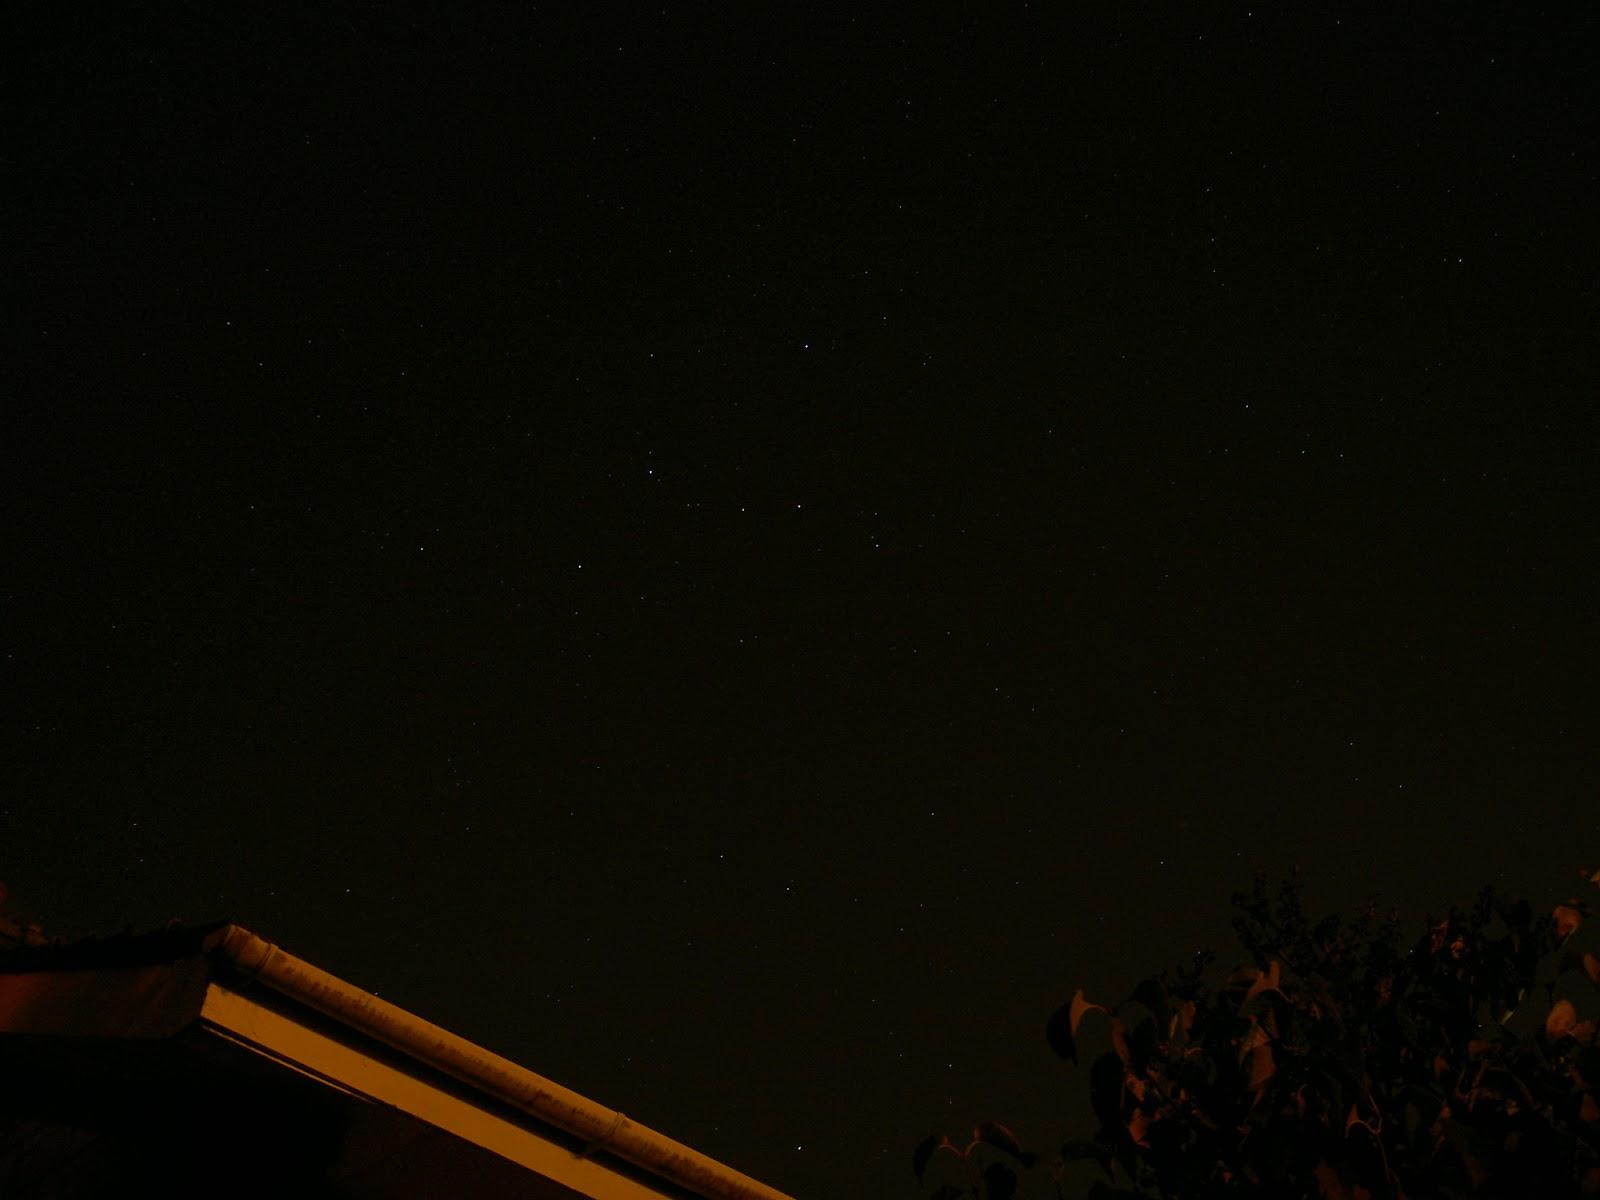 Chòm sao Cassiopeia dễ dàng nhìn thấy bằng mắt thường. Hình ảnh chụp vào ngày 12/8/2006 ở Bearsden, Scotland, Vương quốc Anh. Tác giả : Bruce Cowan.